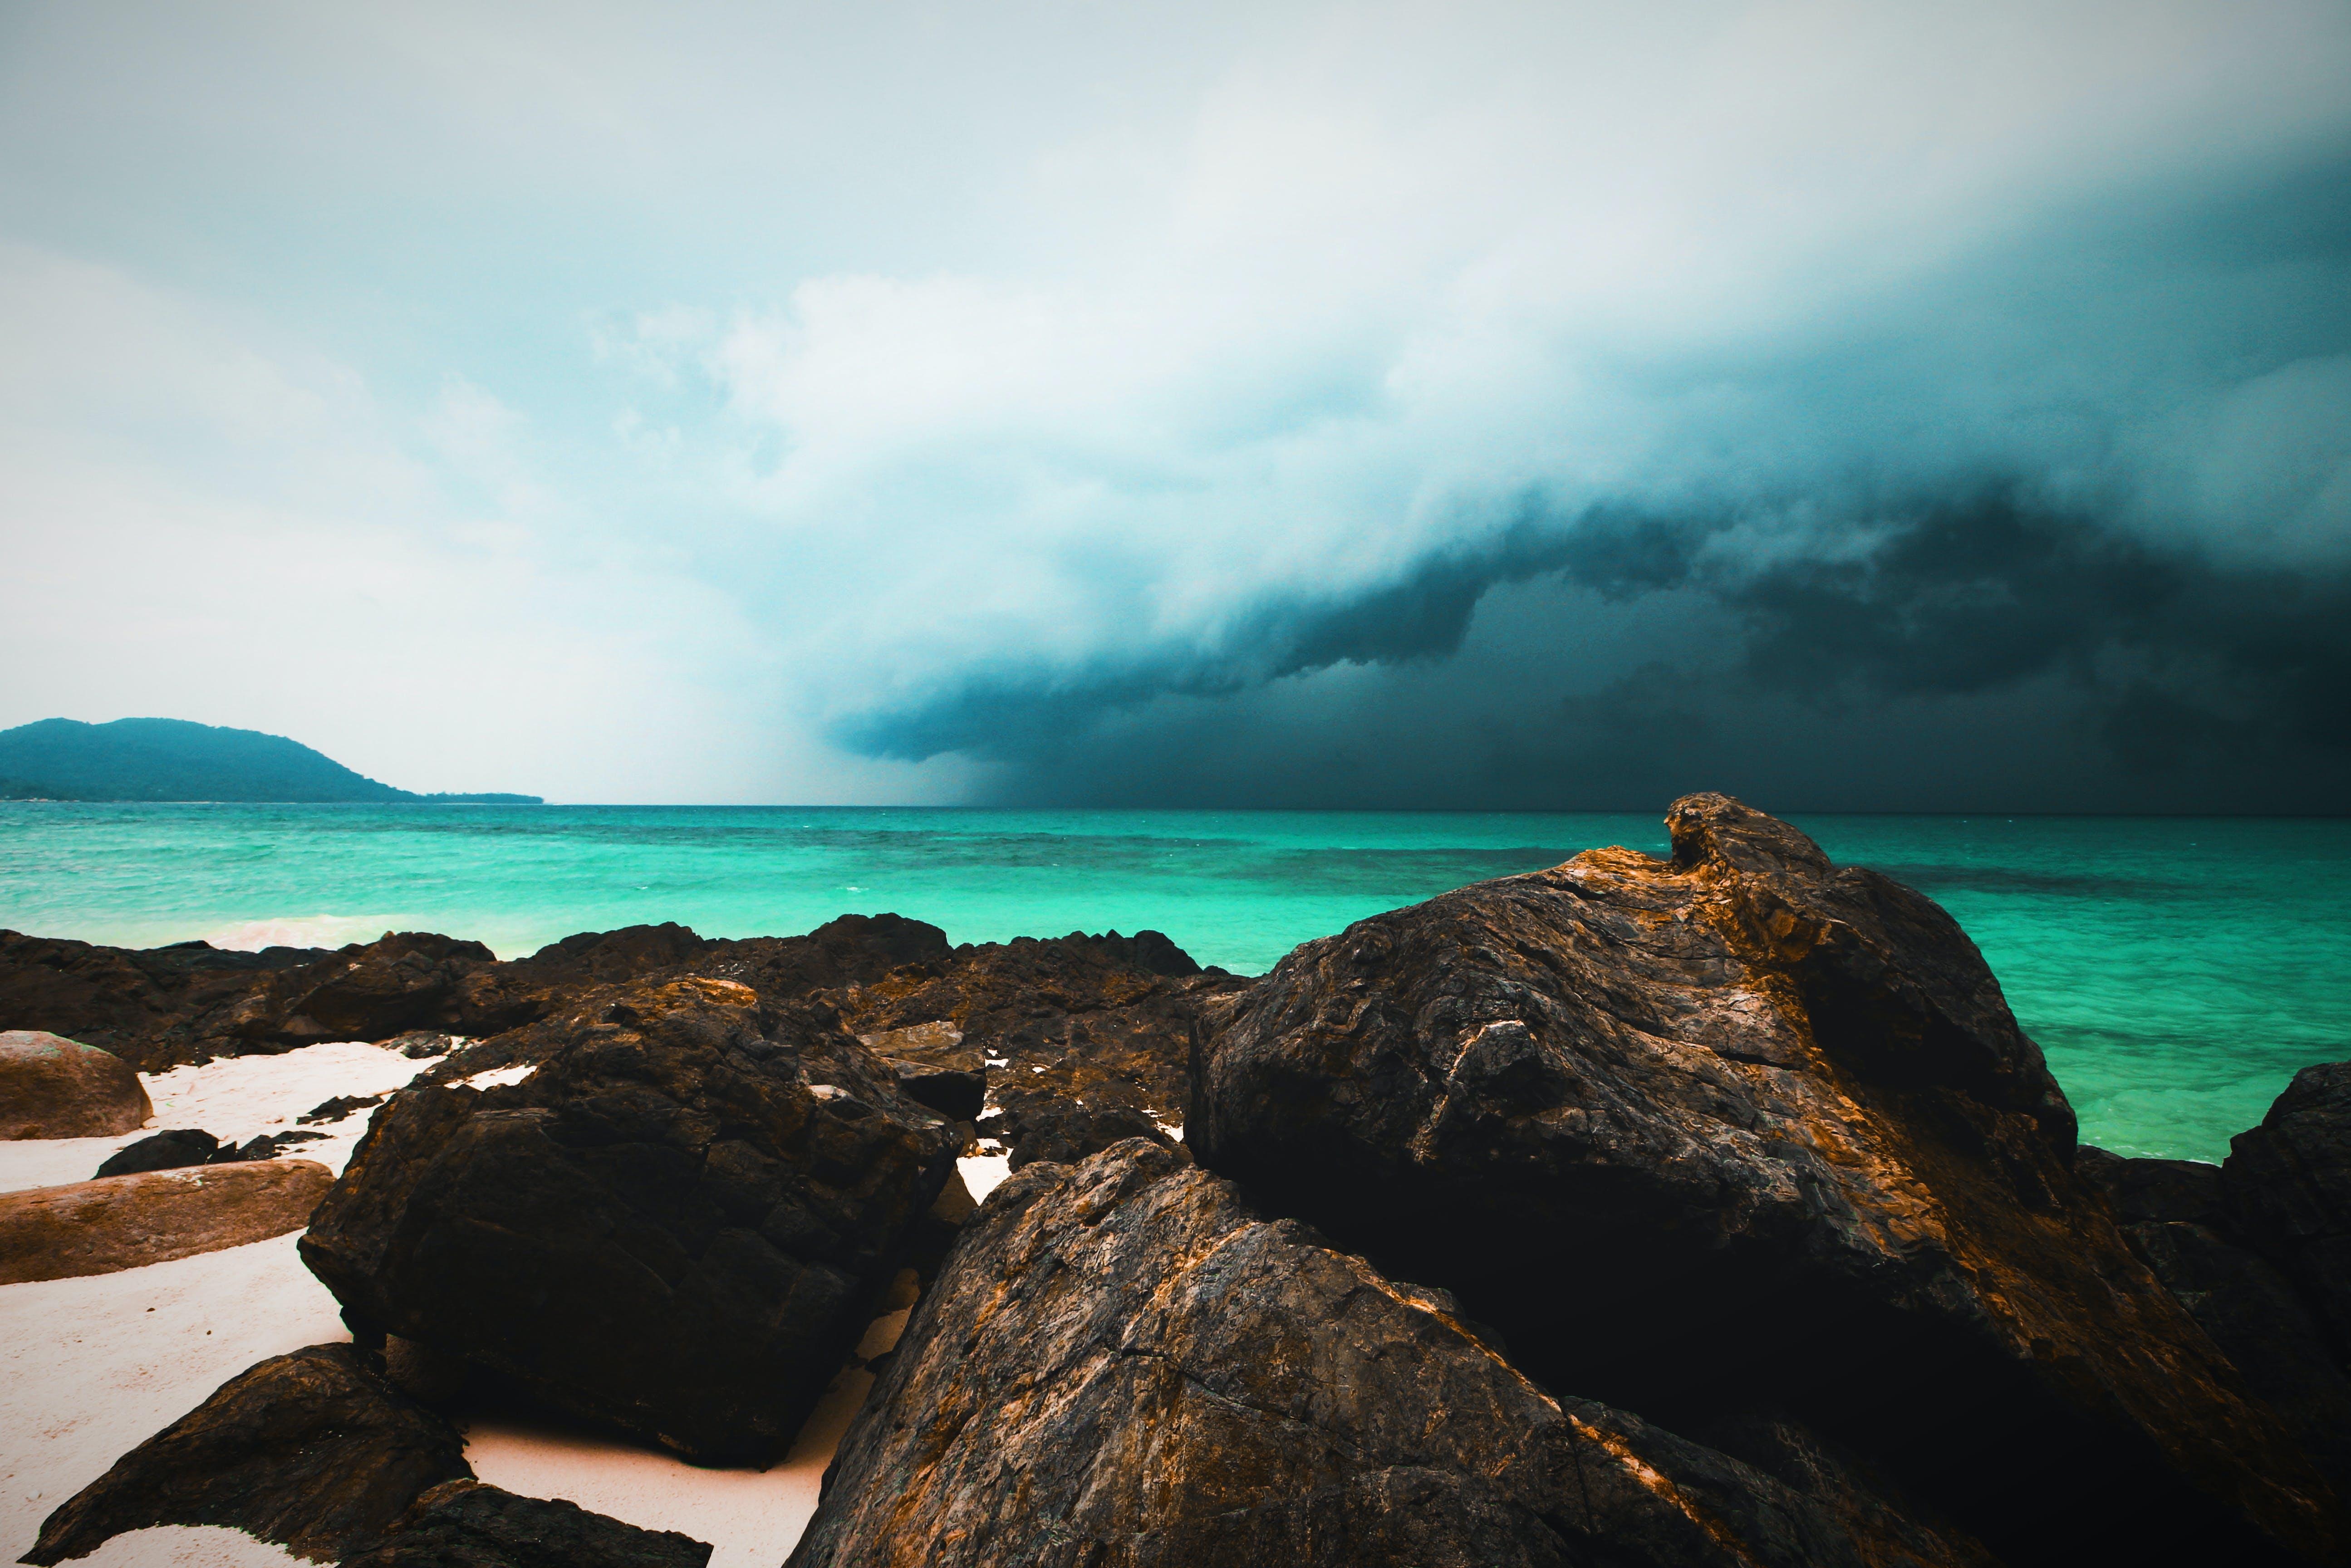 락, 바다, 폭풍의 무료 스톡 사진